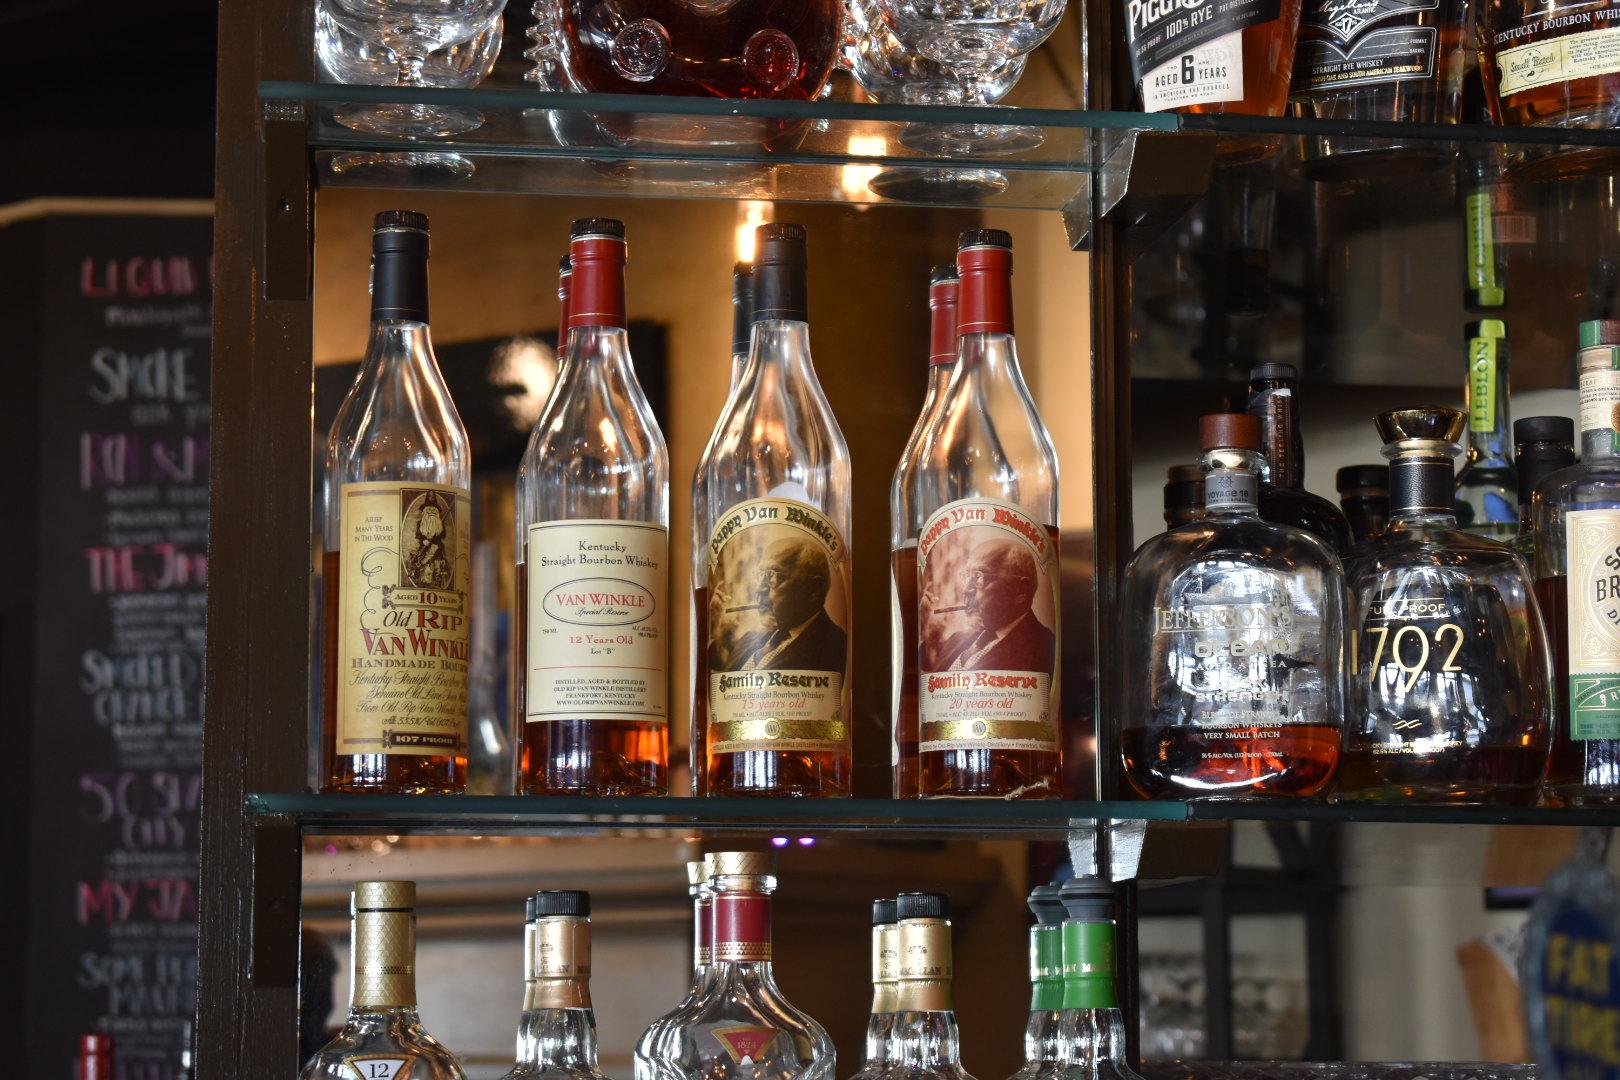 Bottles of Pappy Van Winkle on bar s